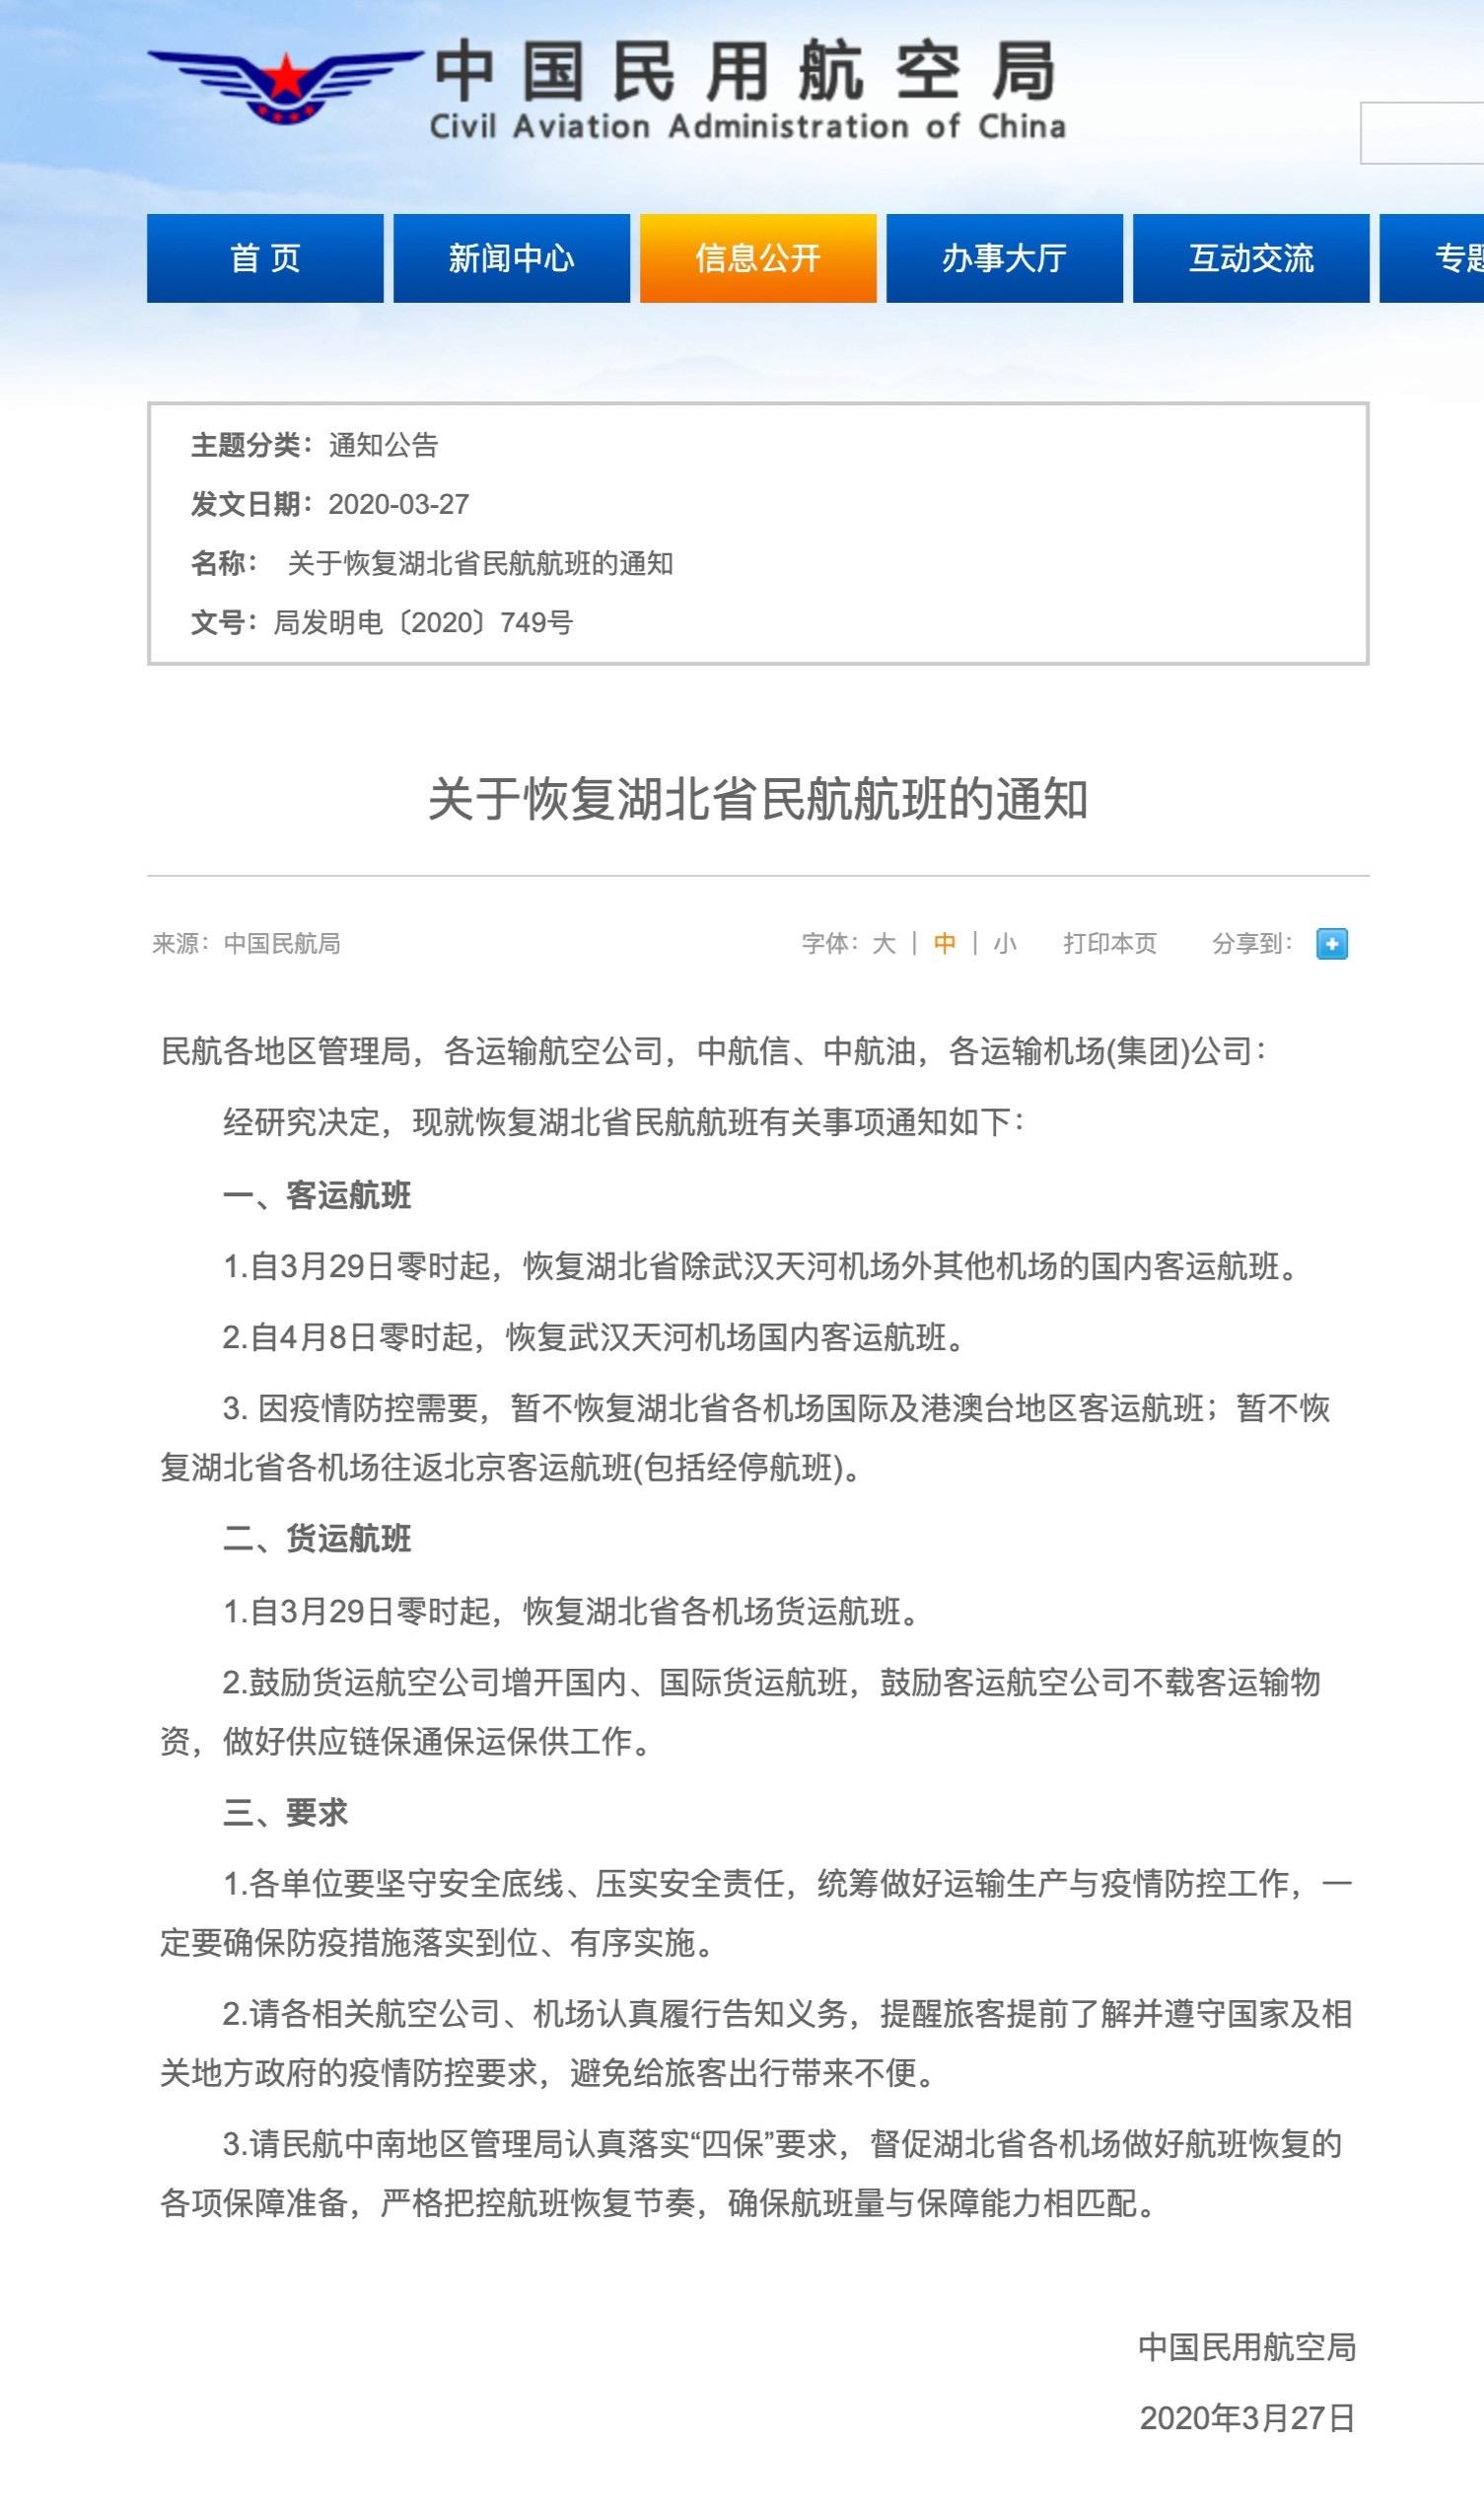 如何致富赚钱:29日起 湖北除武汉外其他机场恢复国内客运航班   深航首家恢复